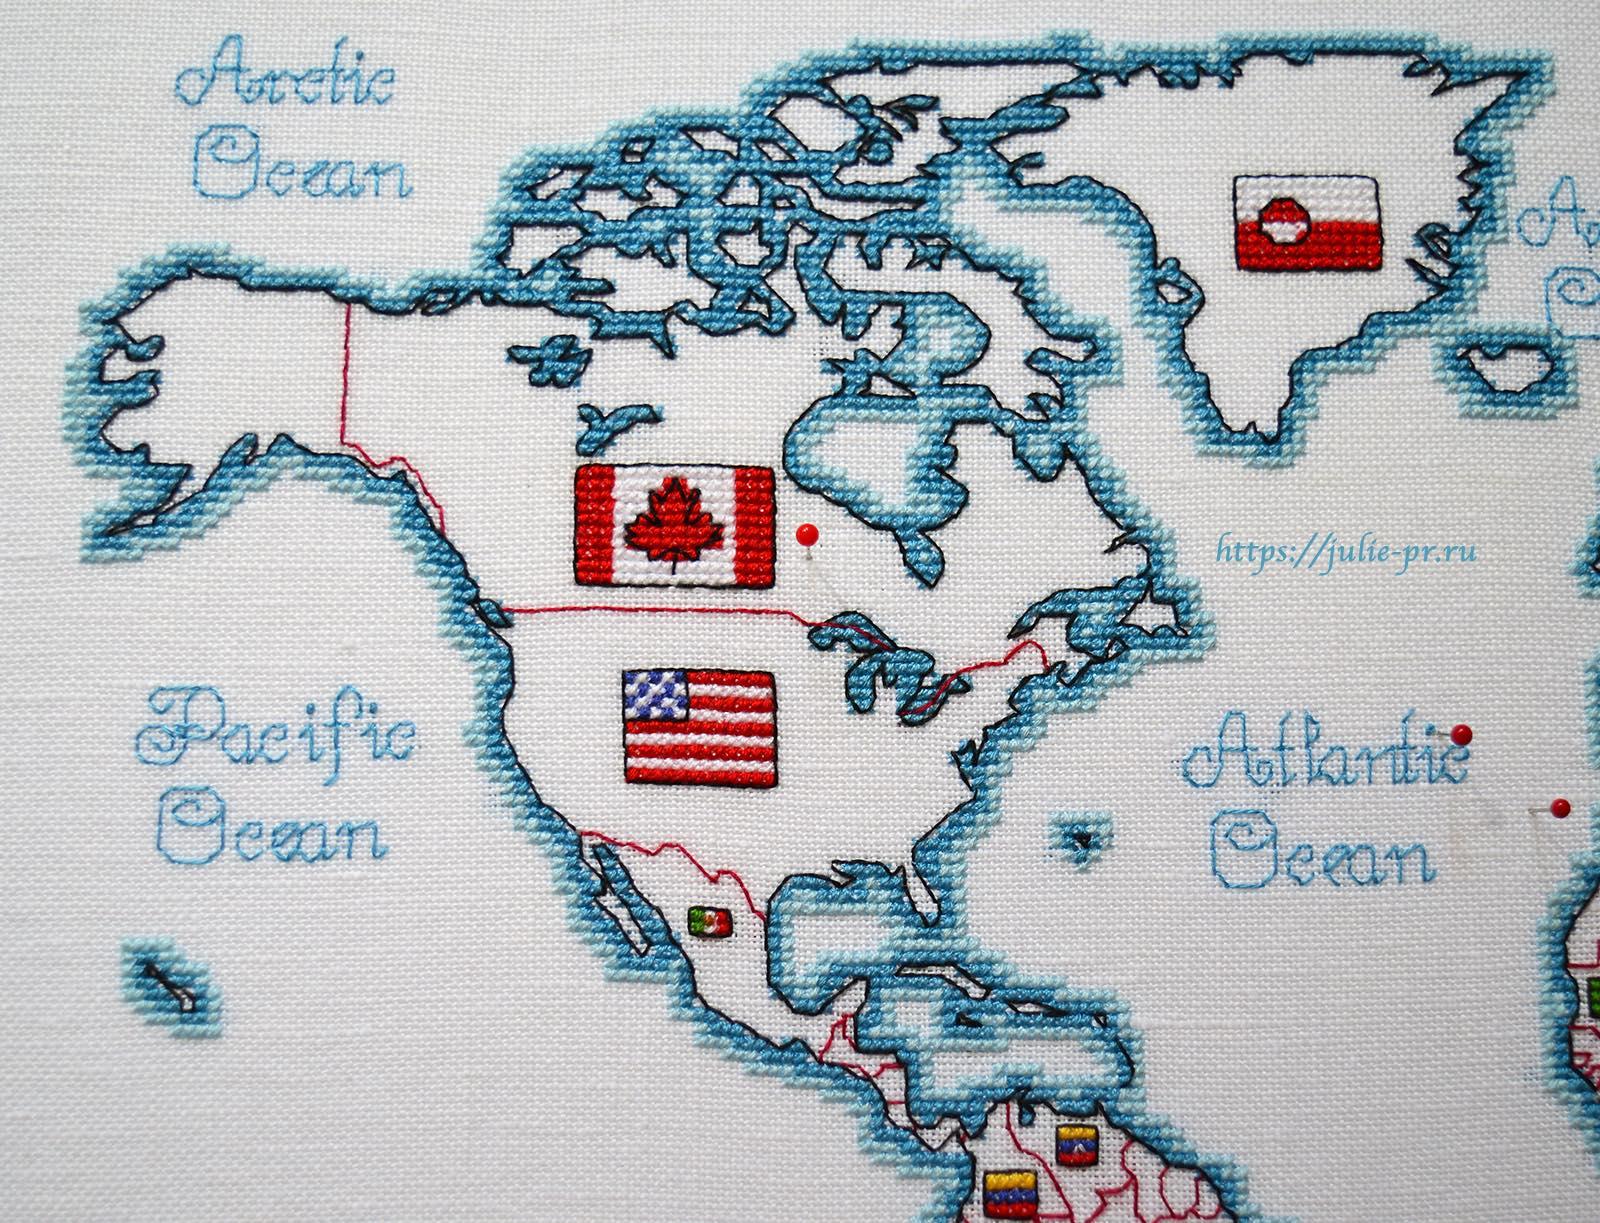 Вышивка крестом DMC K3413 DMC K3413 - Oceania collection, Карта мира. Северная Америка